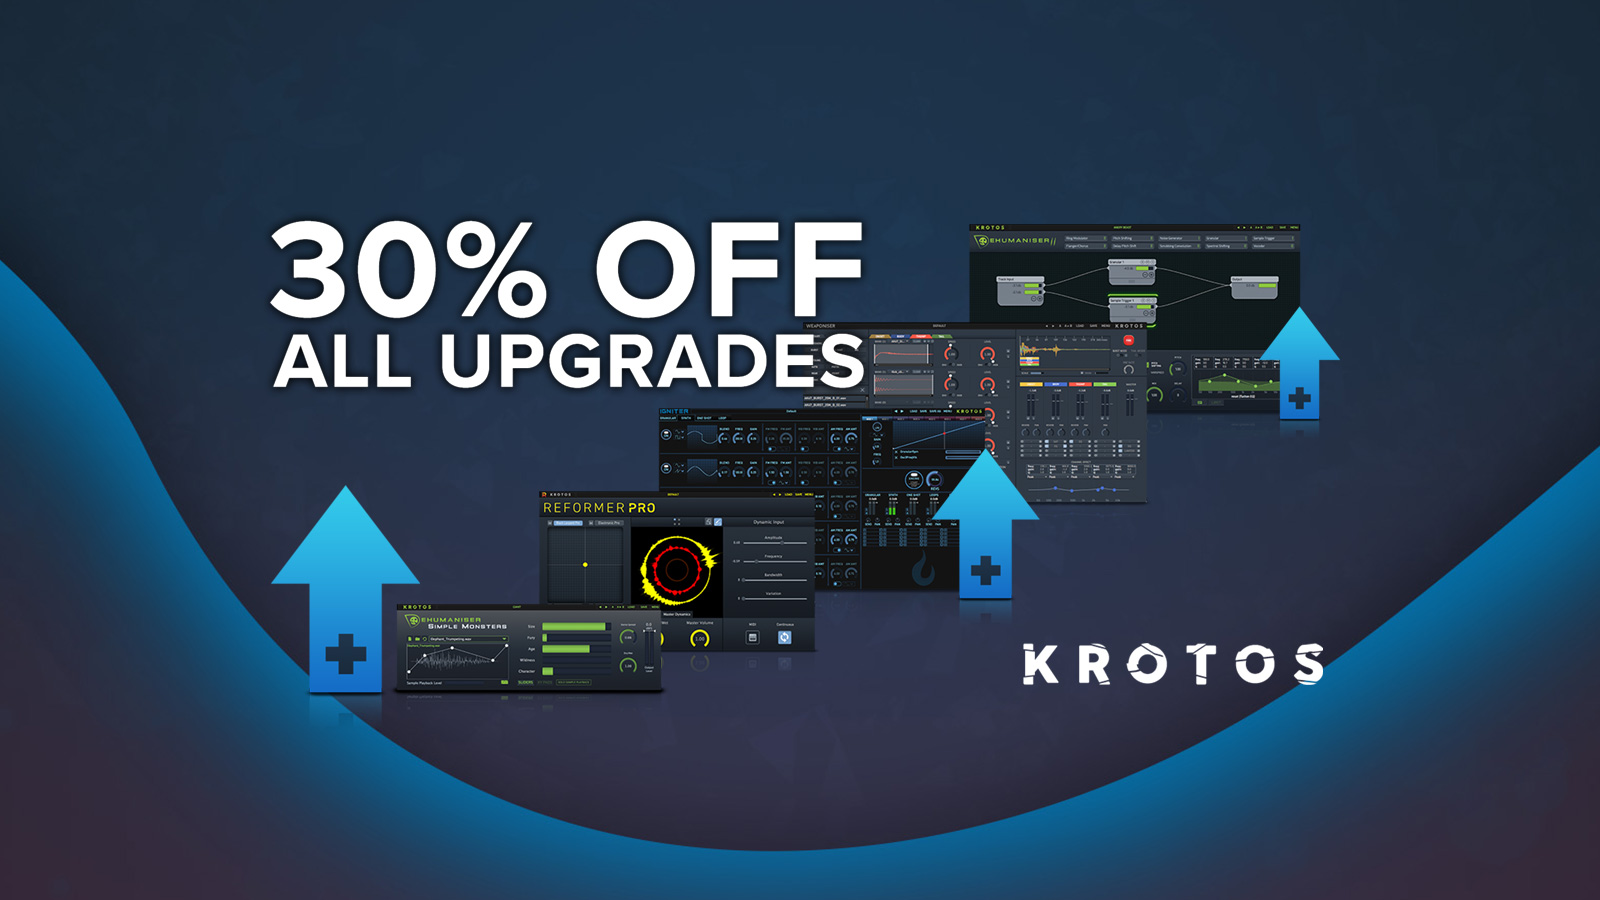 KROTOS製品を一つでもお持ちなら、すべてのアップグレードが30%OFF!